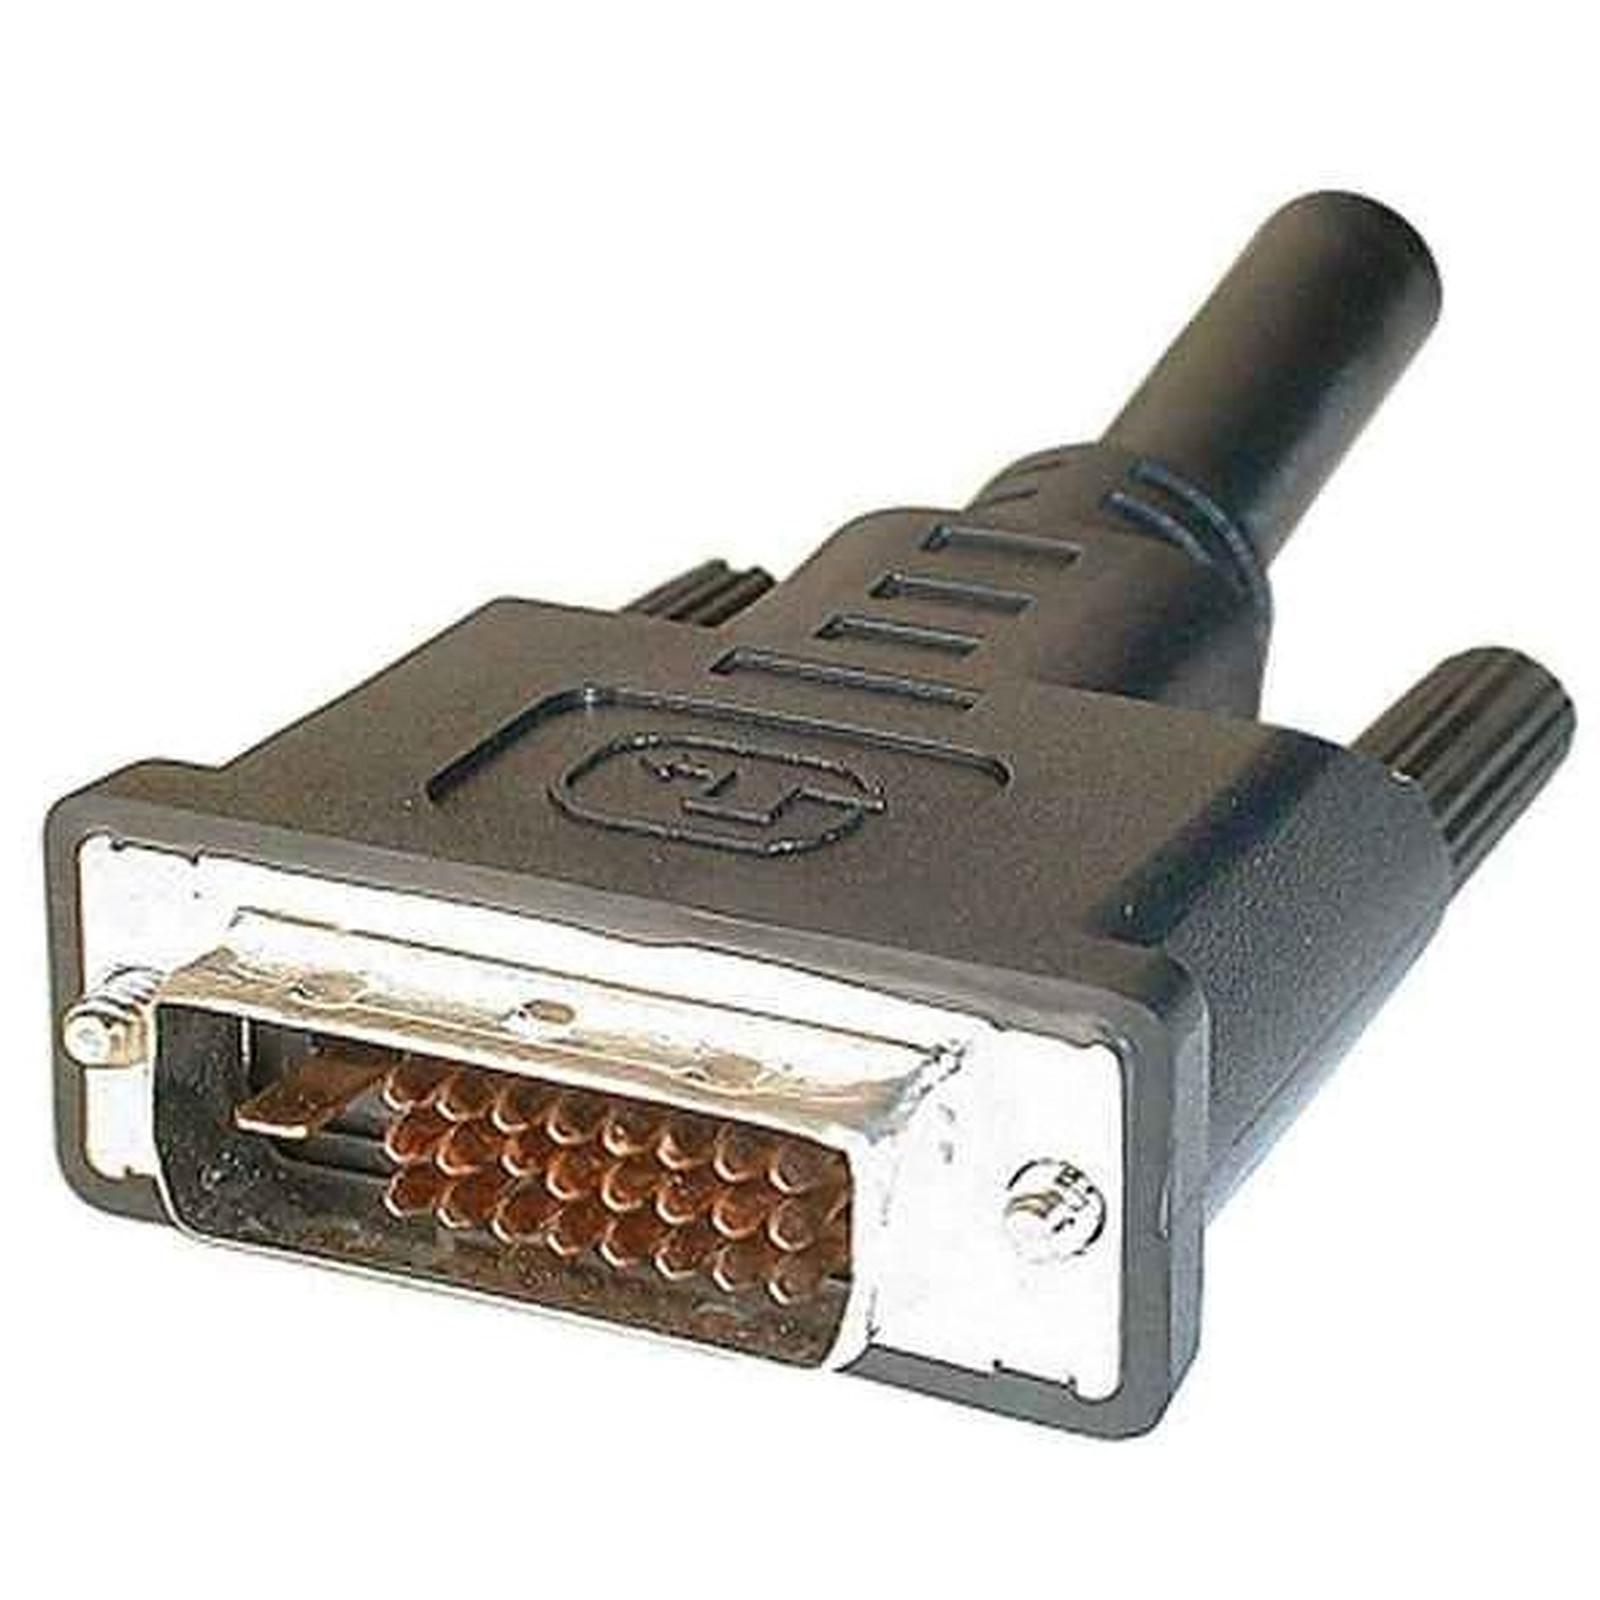 Câble DVI-D Dual Link mâle/mâle (5 mètres)